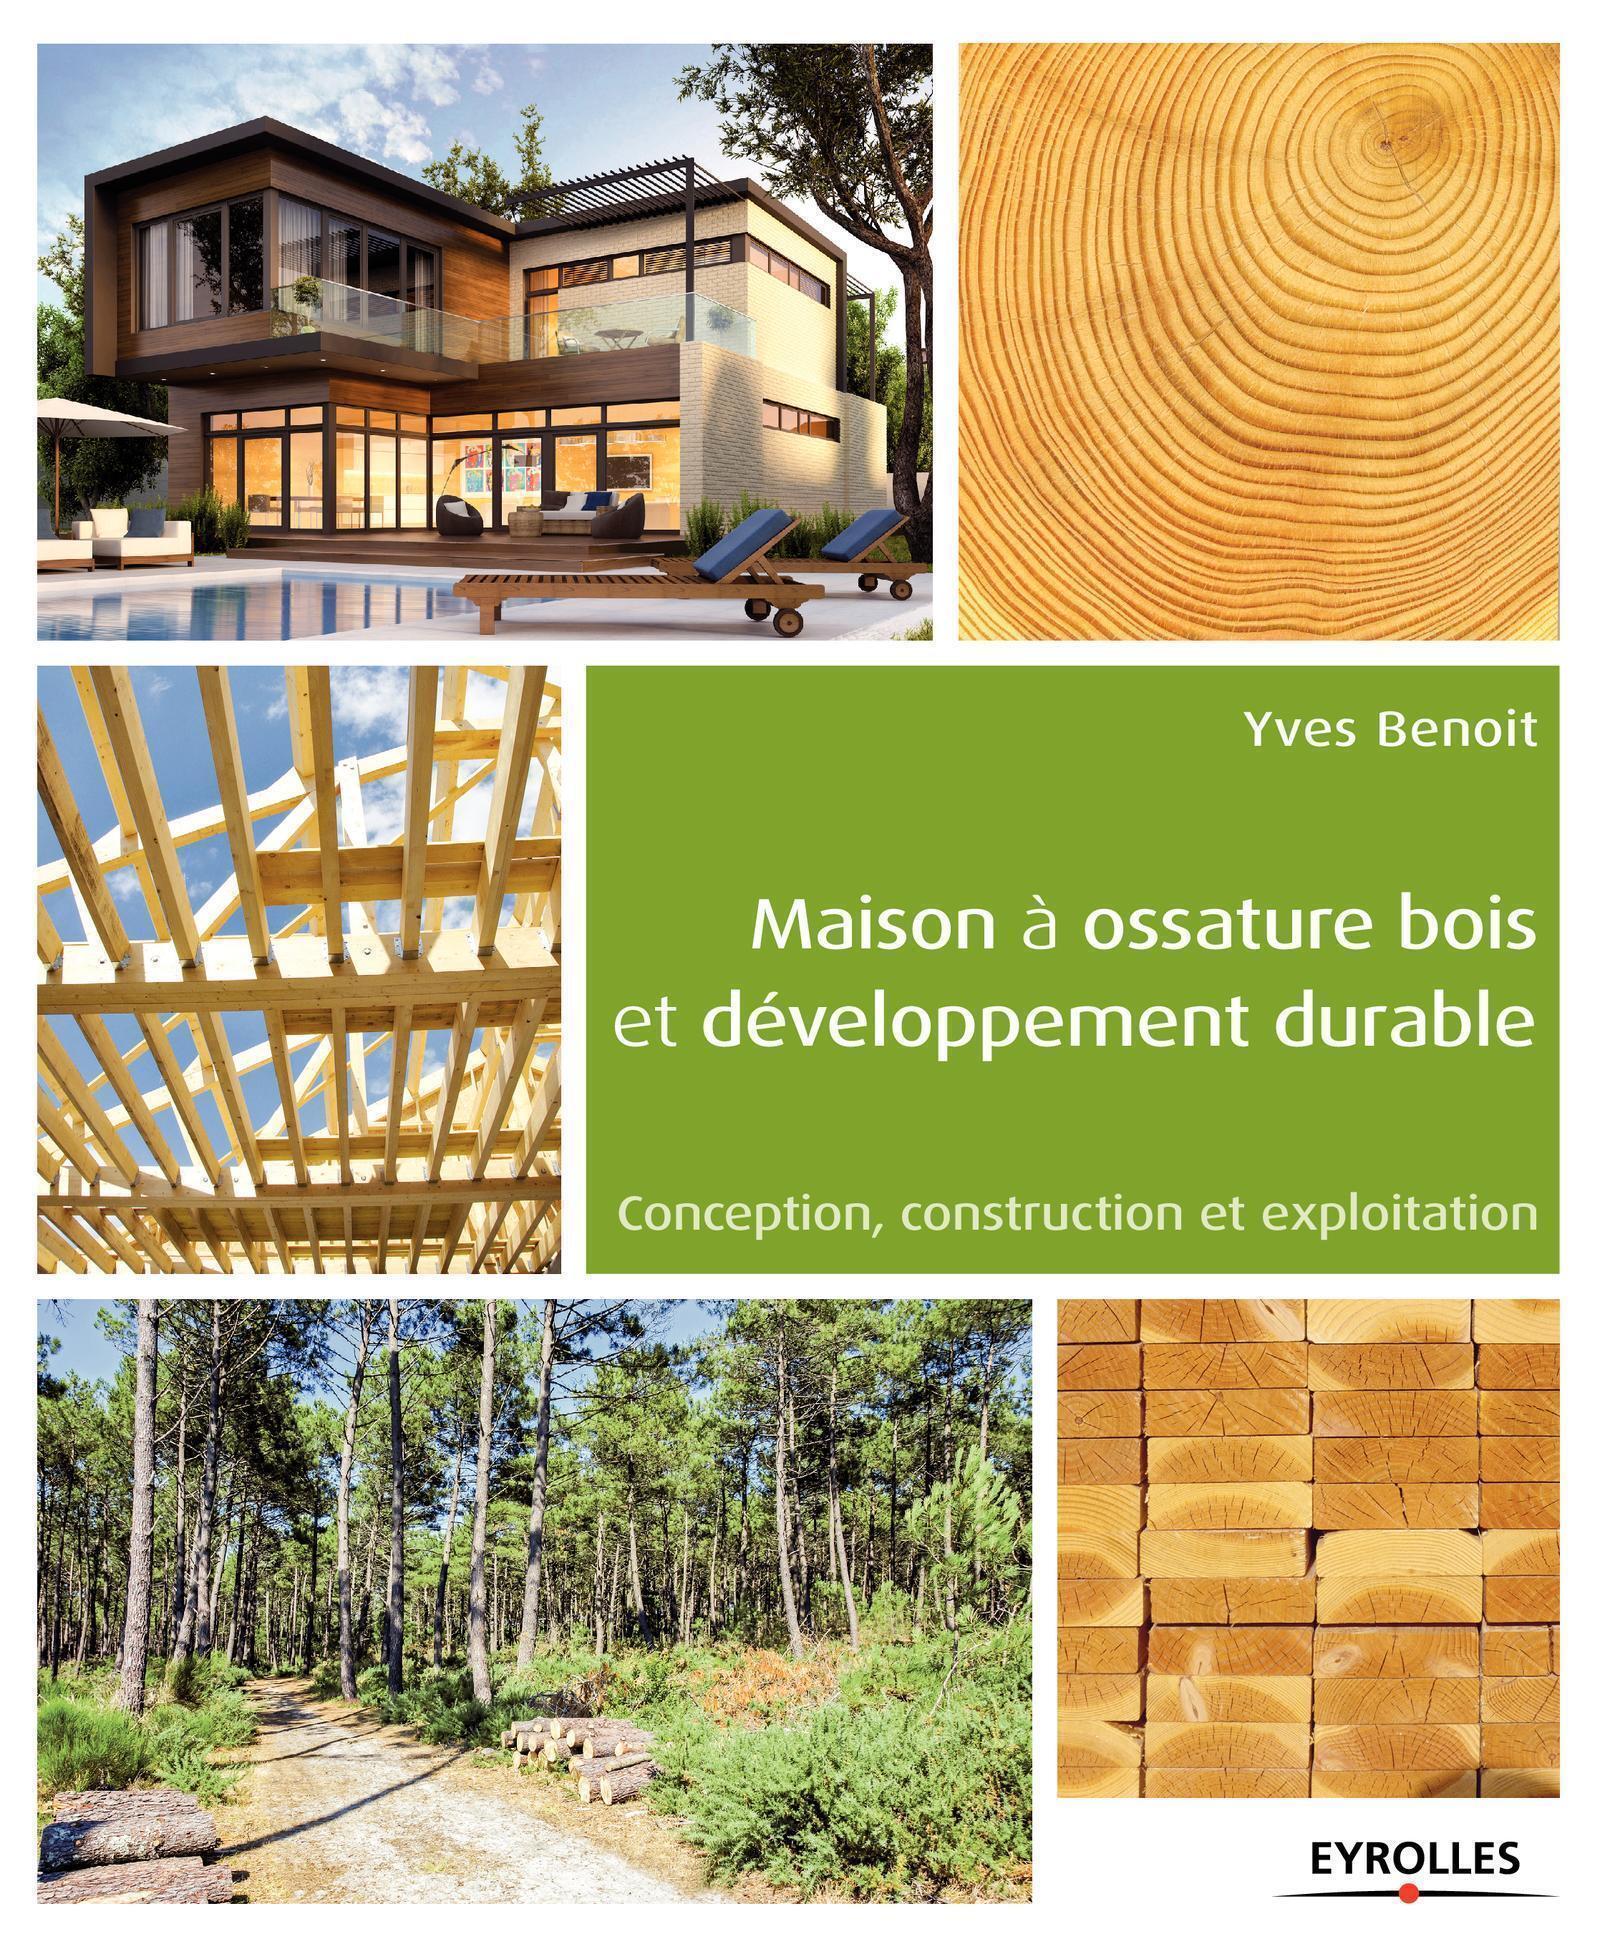 MAISON A OSSATURE BOIS ET DEVELOPPEMENT DURABLE CONCEPTION, CONSTRUCTION ET EXPLOITATION - CONCEPTIO